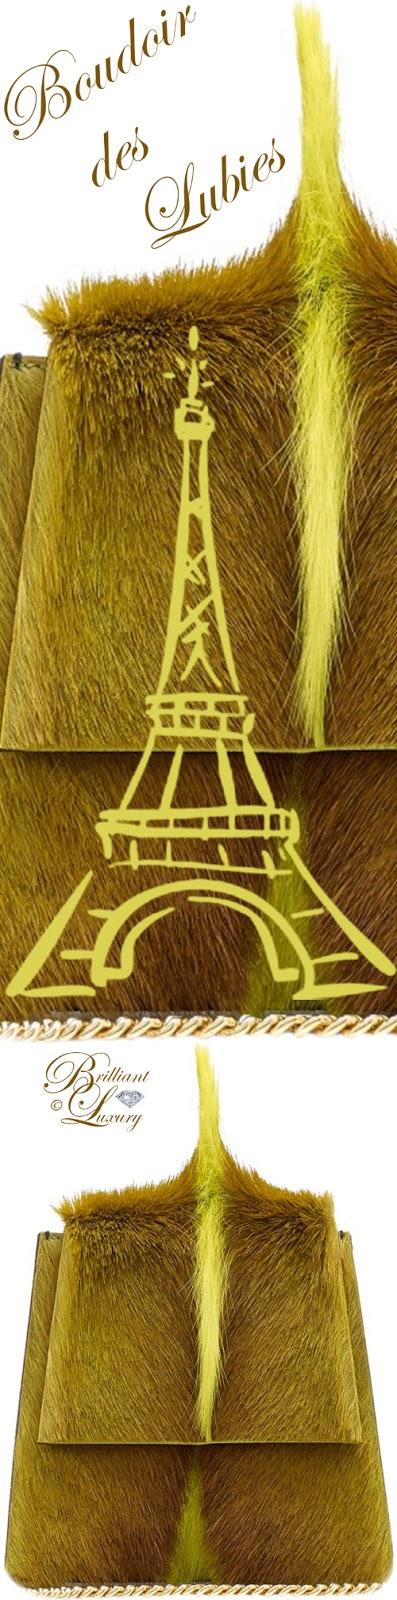 Brilliant Luxury ♦ Boudoir des Lubies Paris ~ Capucine Fourrure de Gazelle Bag FW 2017/18